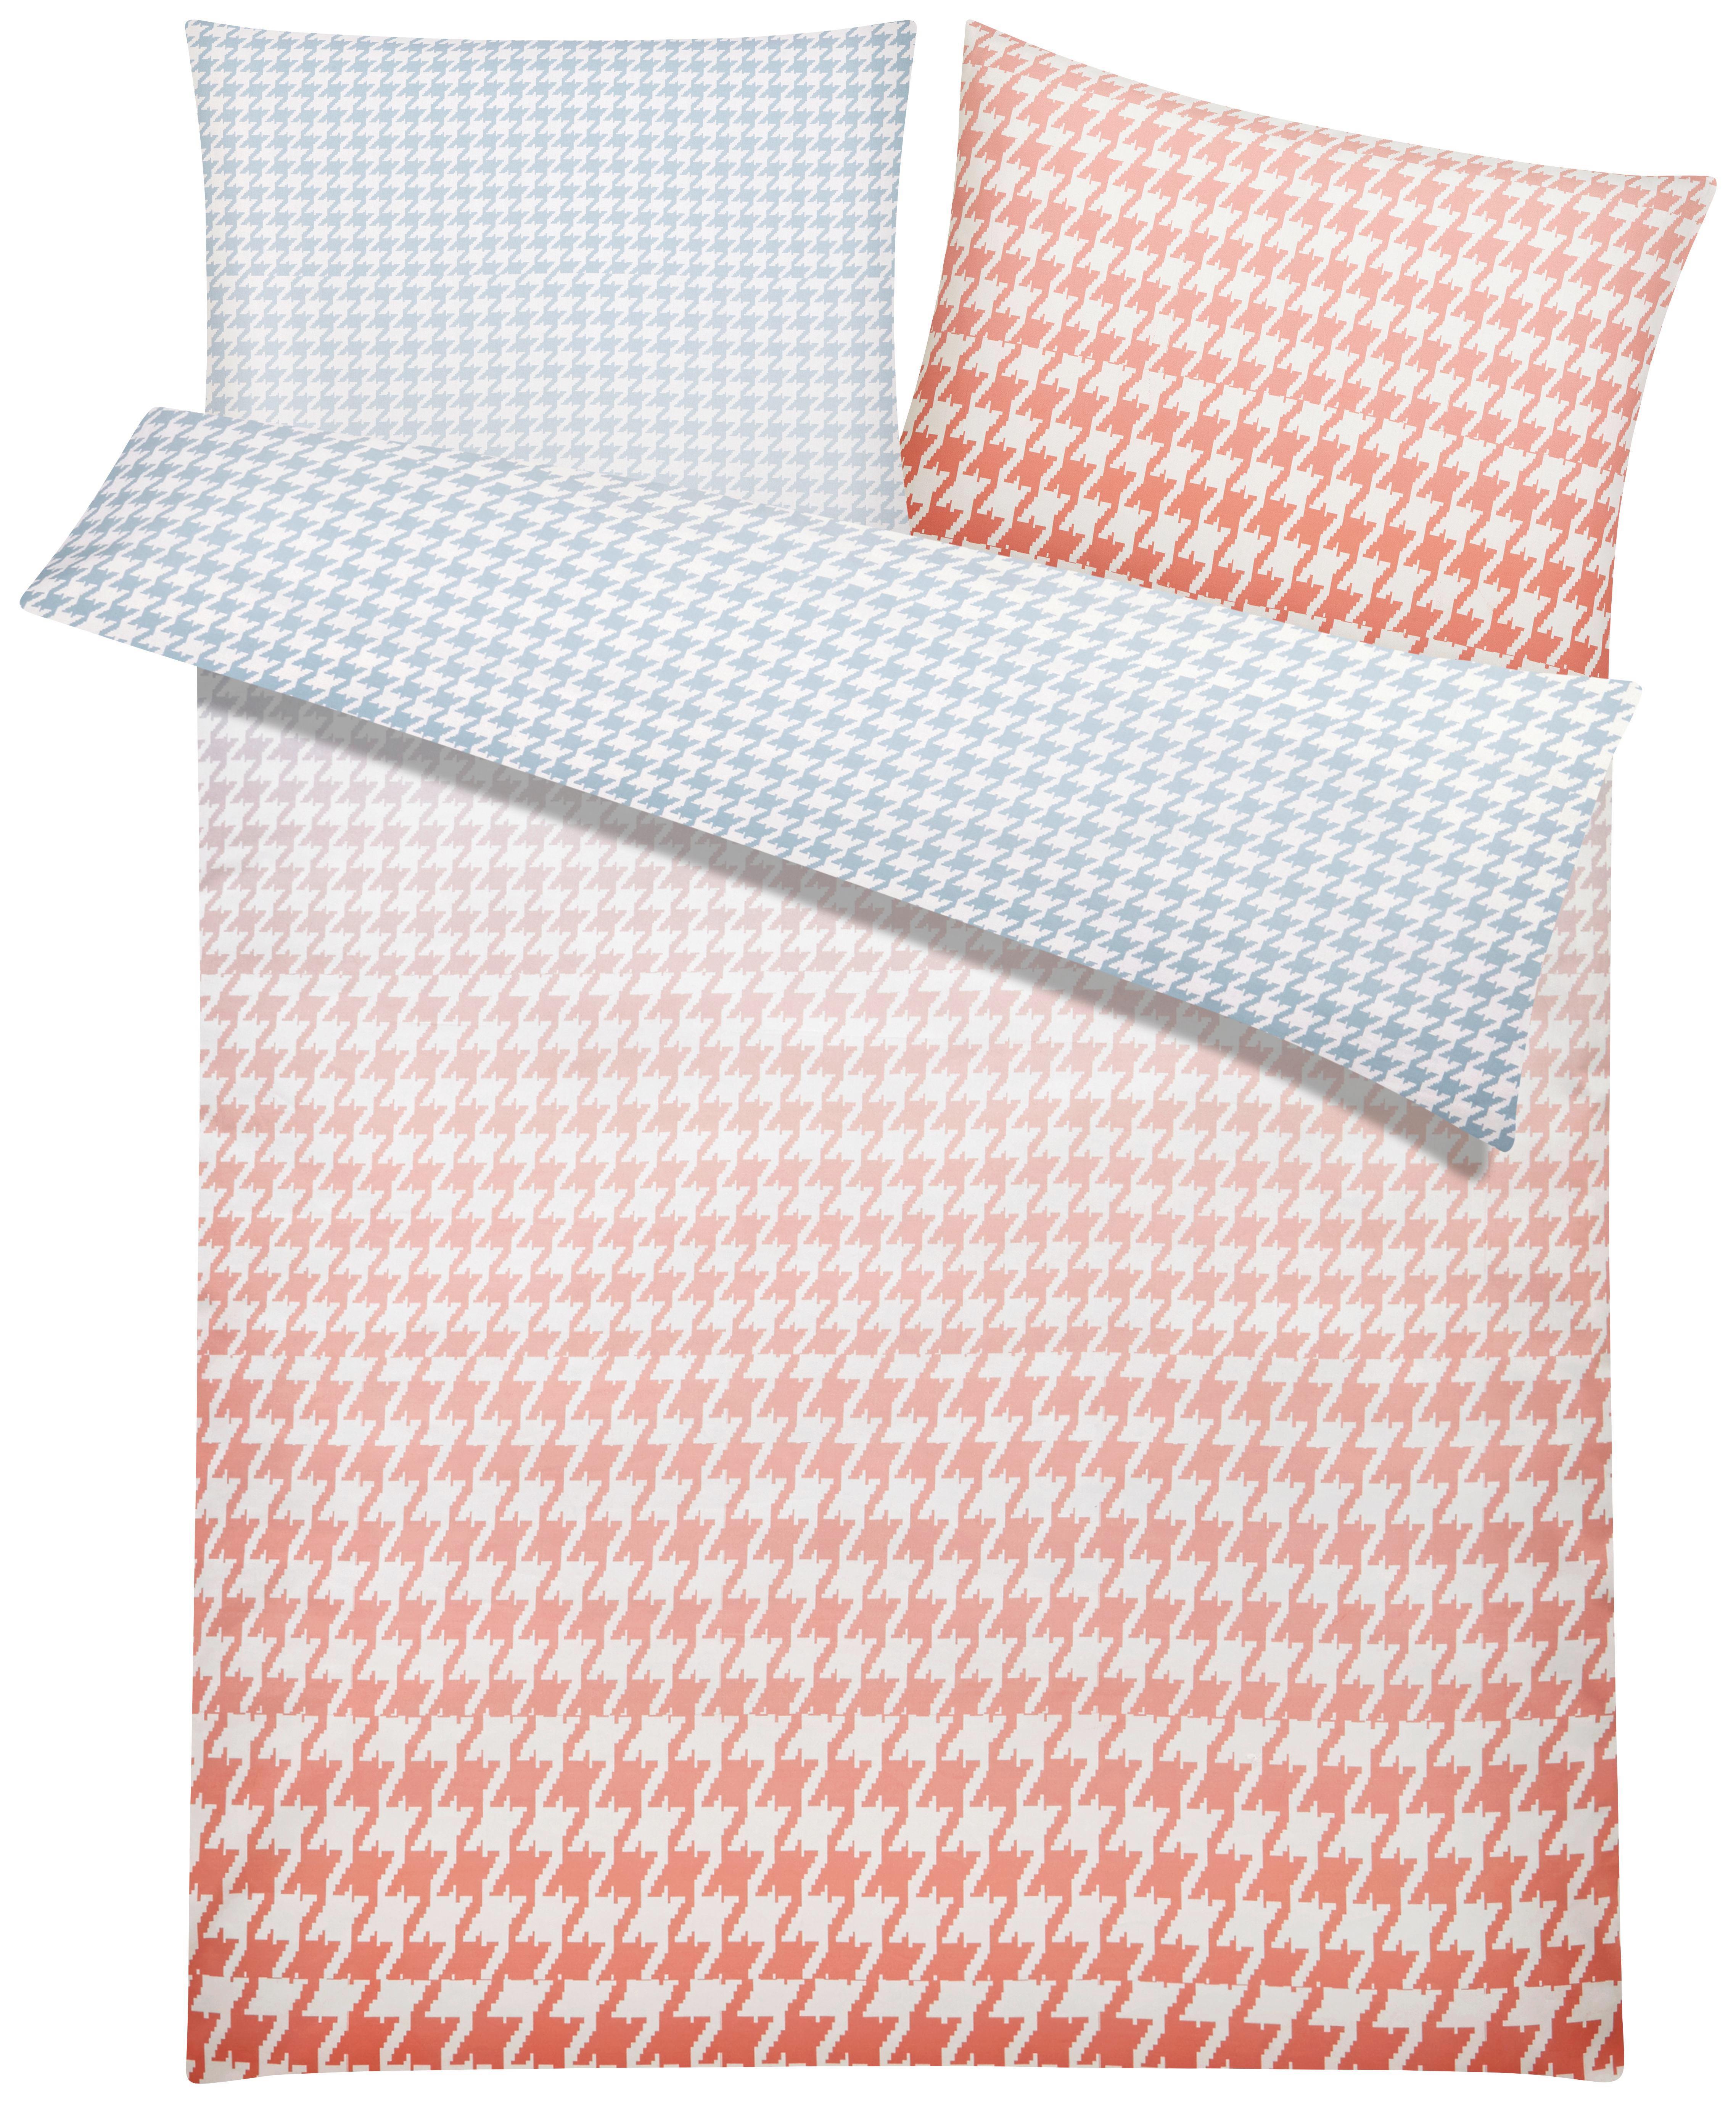 Bettwäsche S. Oliver Baumwollsatin - Rot/Grau, MODERN, Textil - S. OLIVER